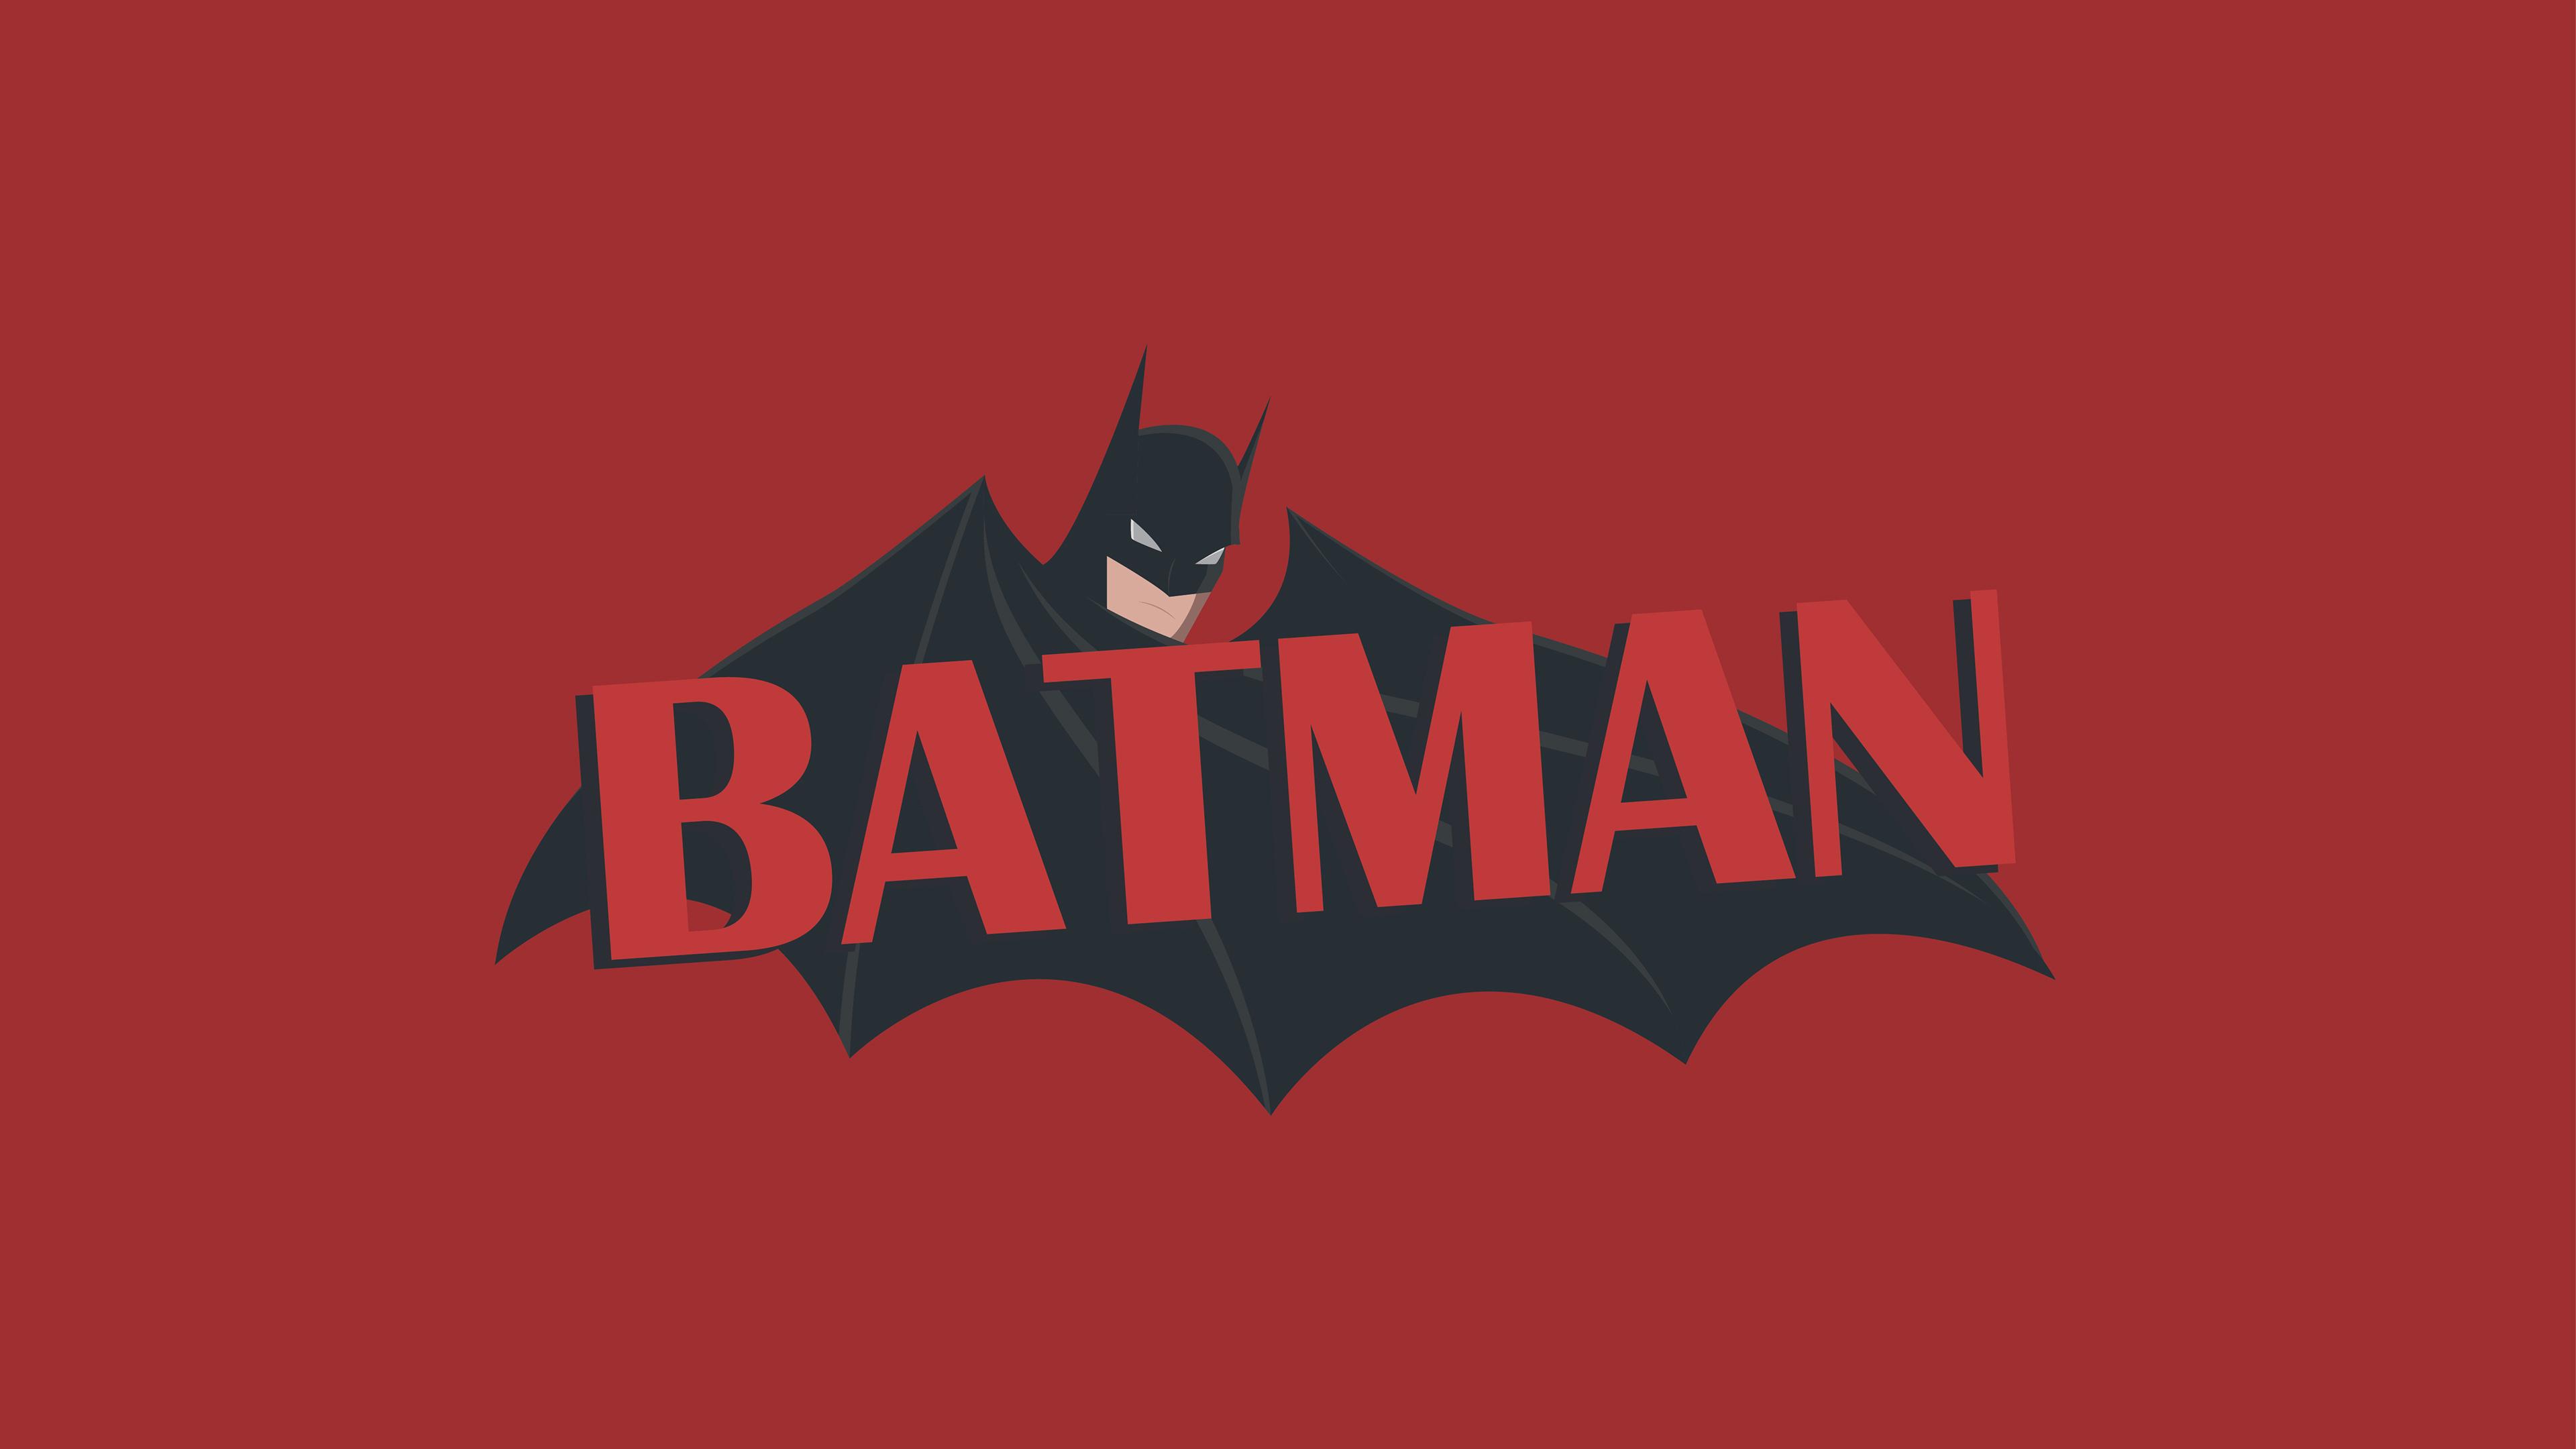 batman 4k new minimalism 1554245011 - Batman 4k New Minimalism - superheroes wallpapers, hd-wallpapers, digital art wallpapers, behance wallpapers, batman wallpapers, artwork wallpapers, 4k-wallpapers